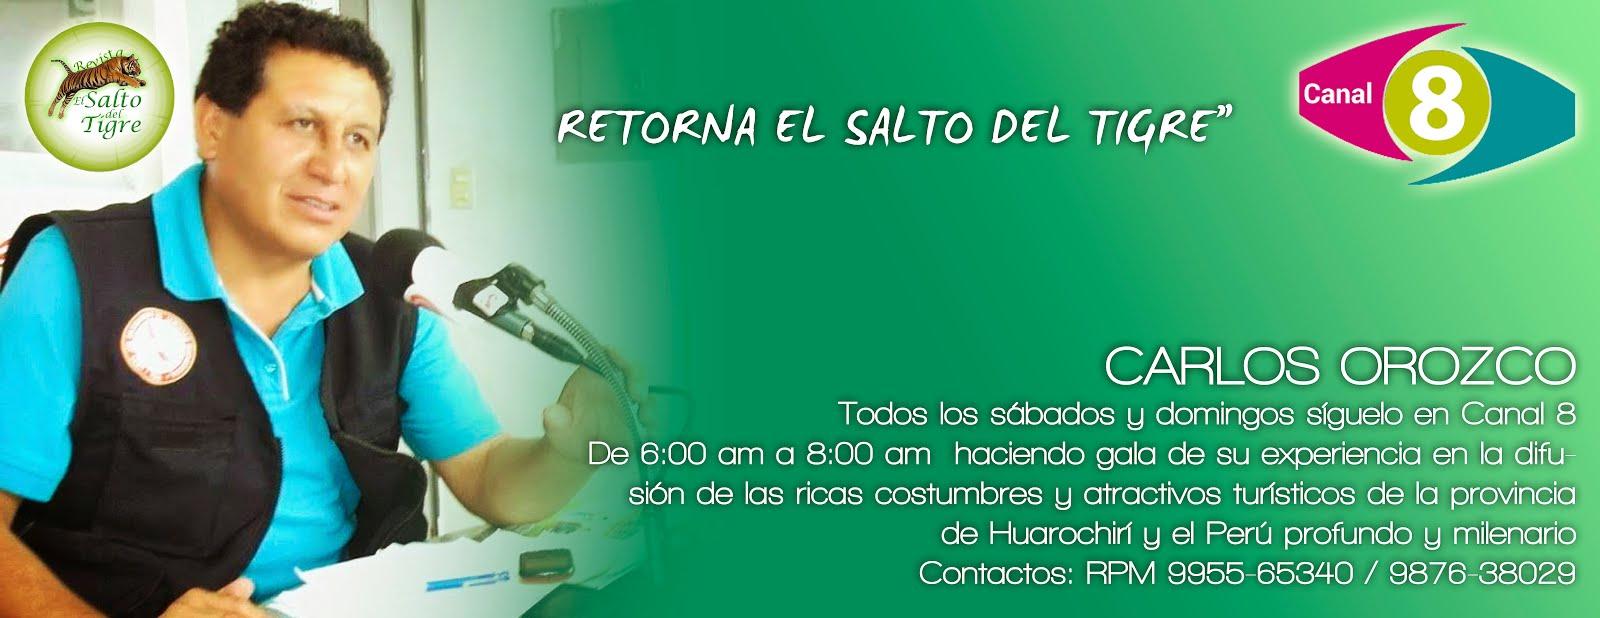 """""""EL SALTO DEL TIGRE"""" EN CANAL 8"""